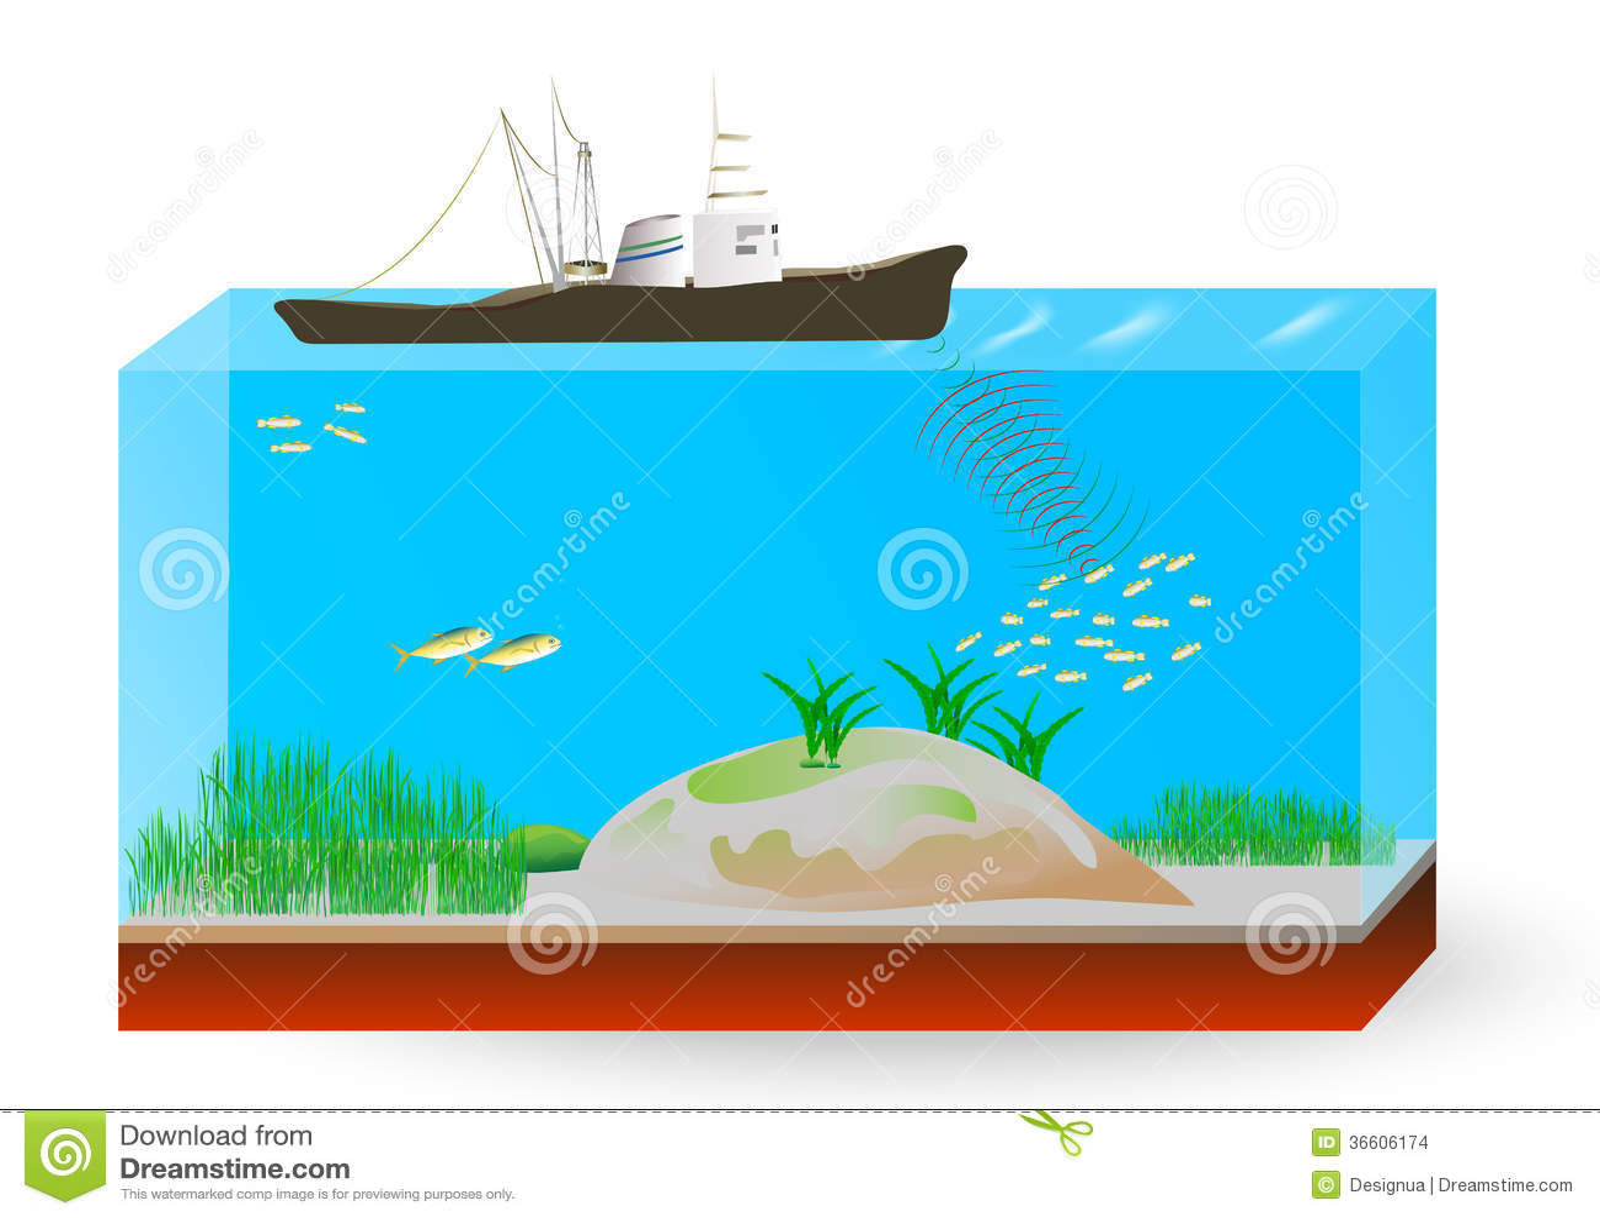 Teoría de operación del sonar subacuático